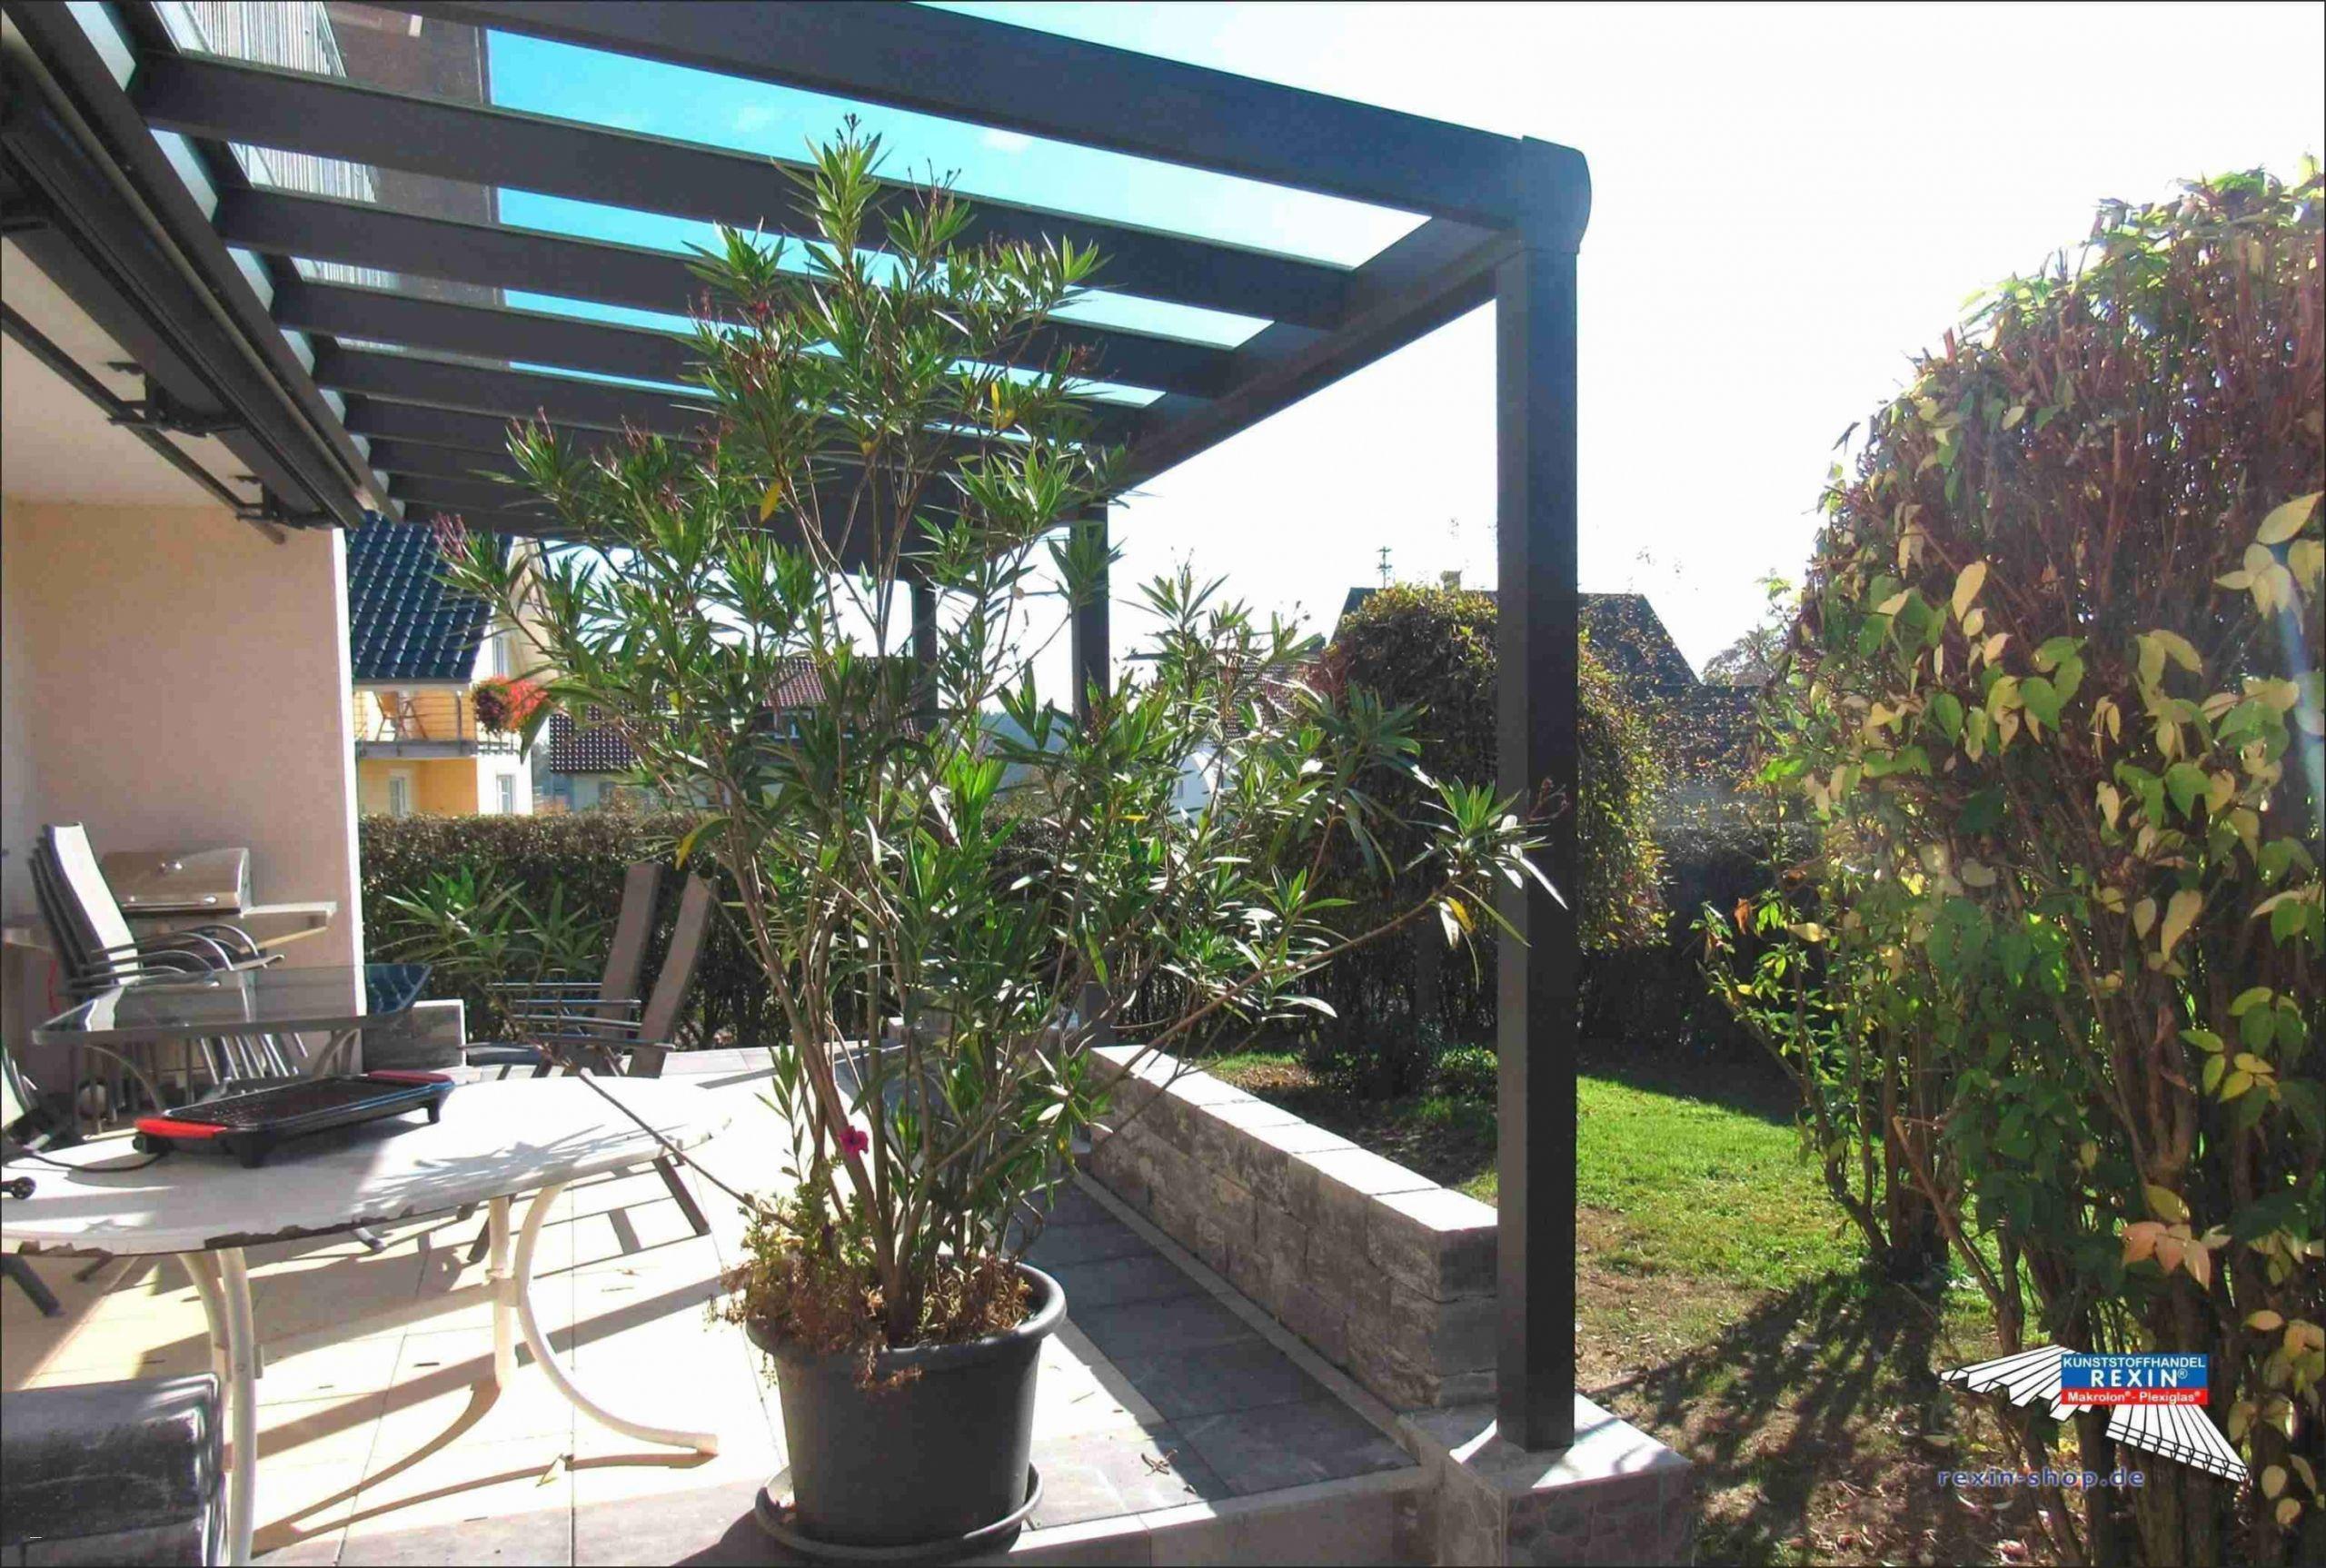 Deko Glaskugeln Für Den Garten Einzigartig Weihnachtsdeko Ideen Für Aussen — Temobardz Home Blog